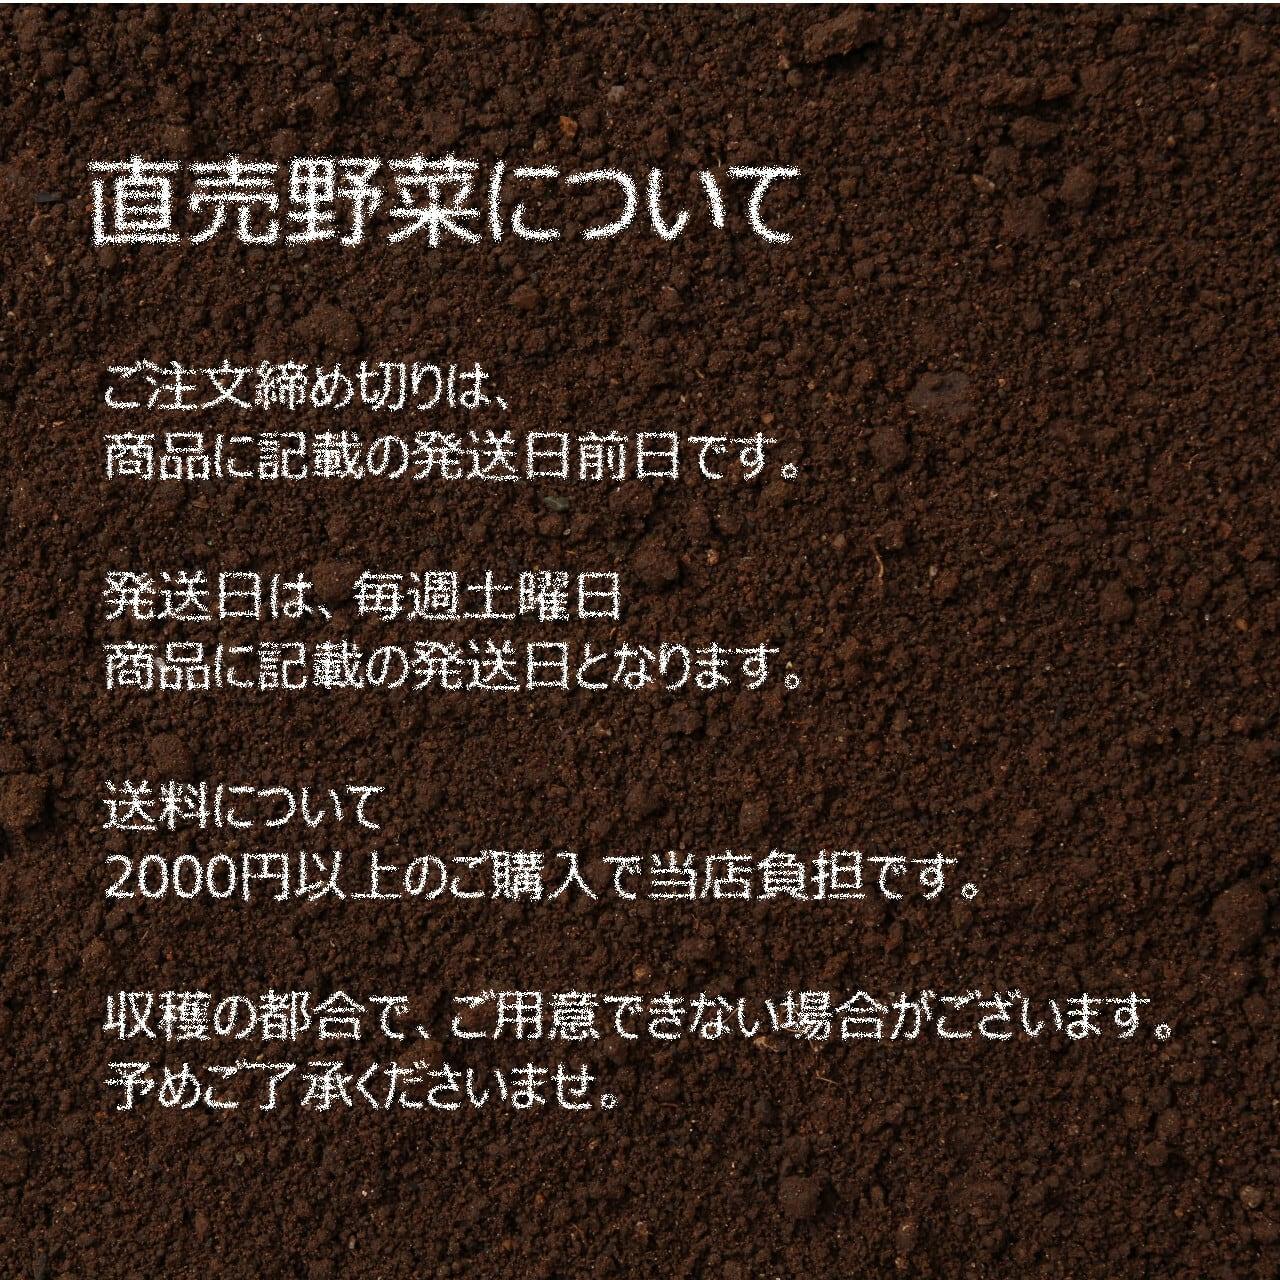 8月の朝採り直売野菜 : 坊ちゃんカボチャ 1個 新鮮な夏野菜 8月15日発送予定